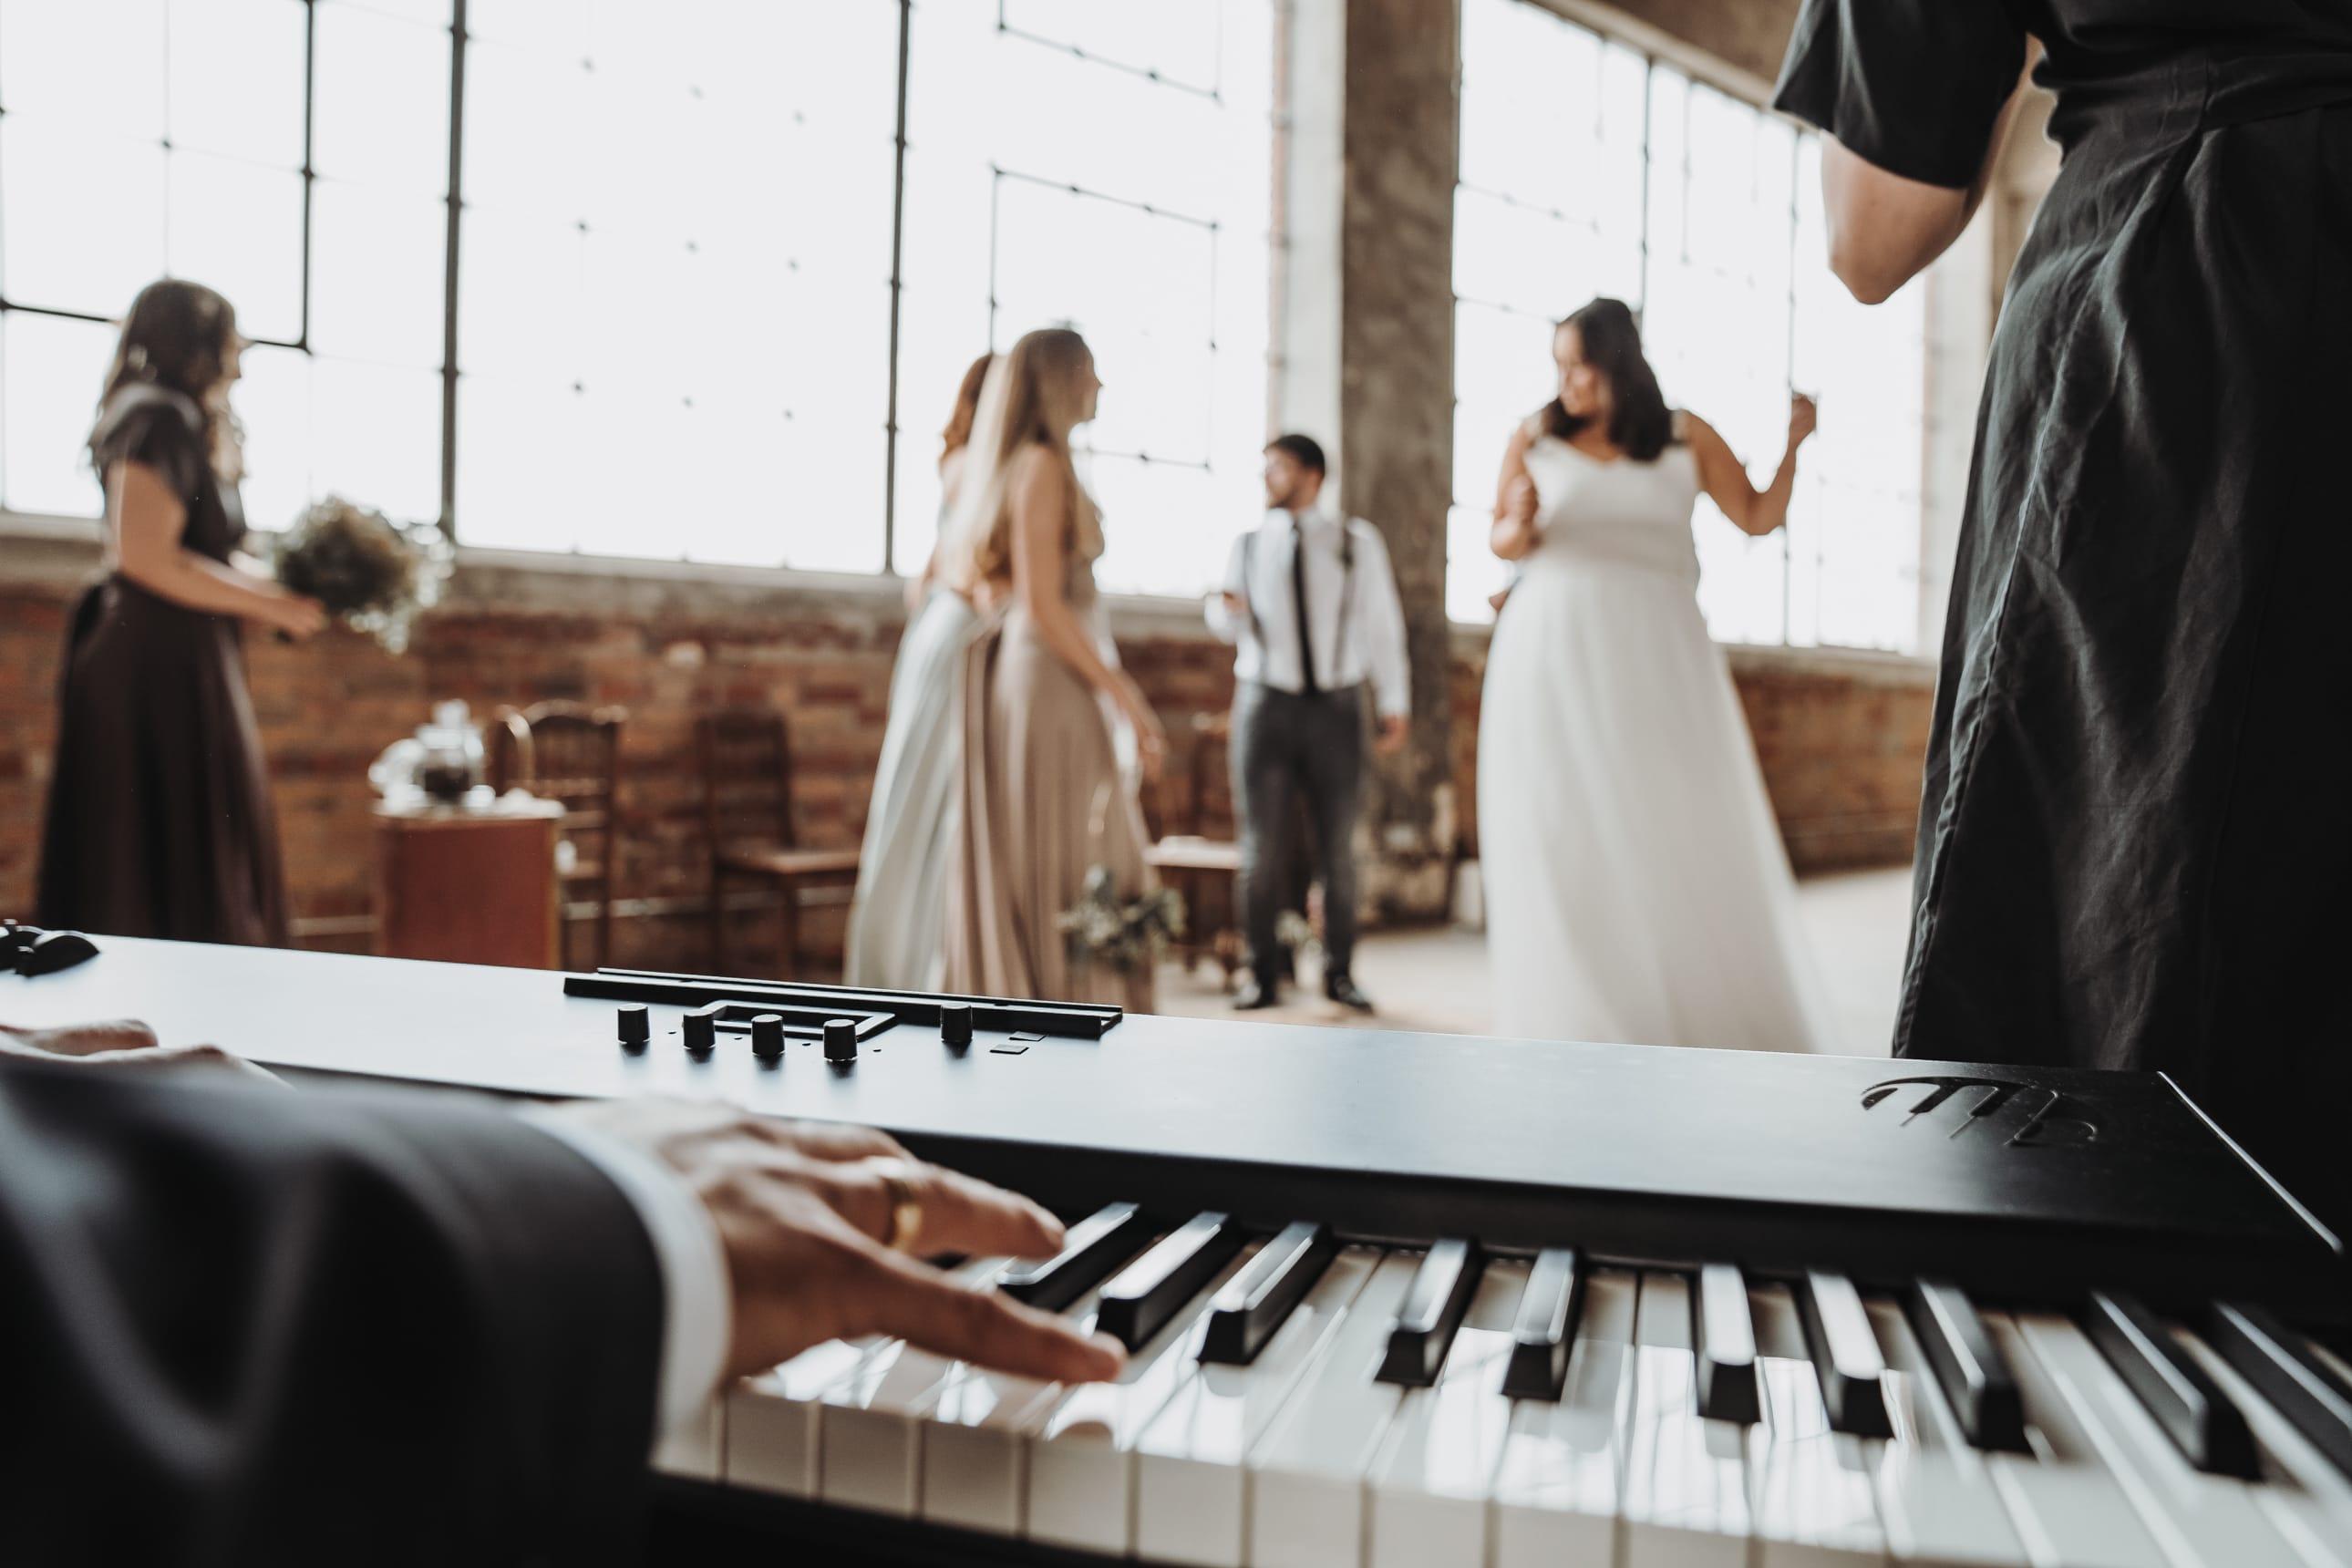 Jazzmusik_für_die_Hochzeit_02